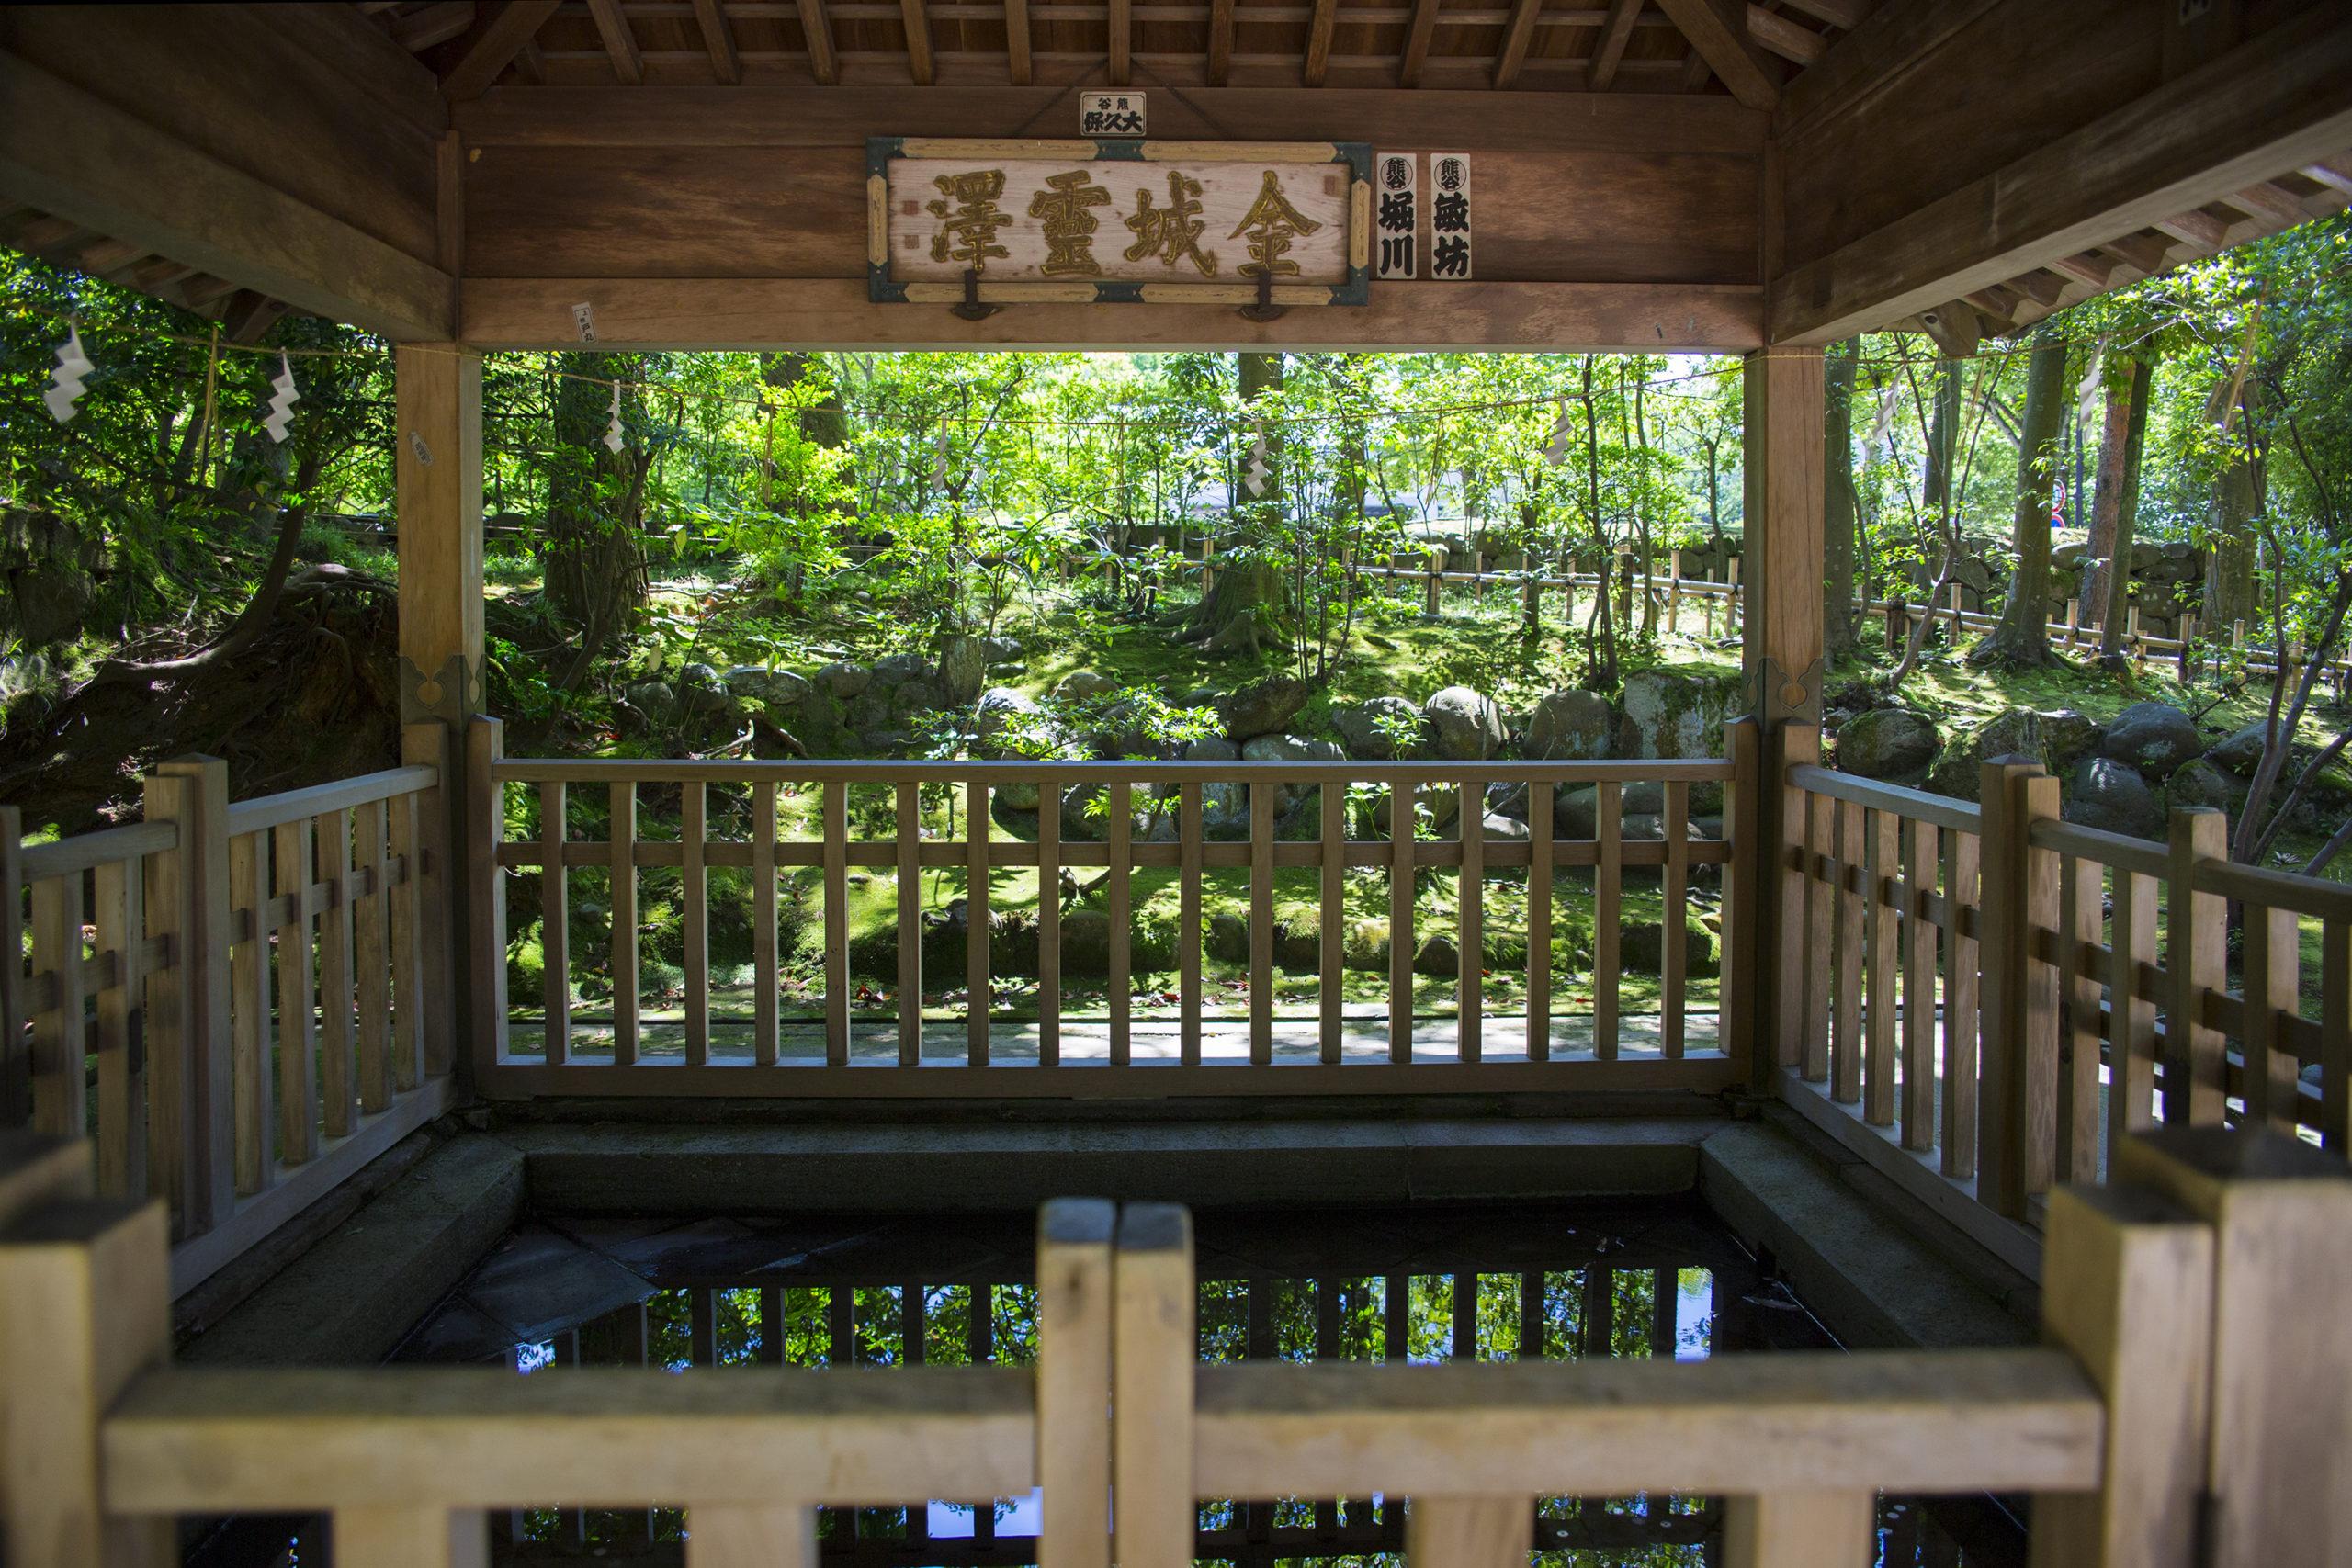 【金運アップ】石川県の開運神社仏閣&ラッキースポット